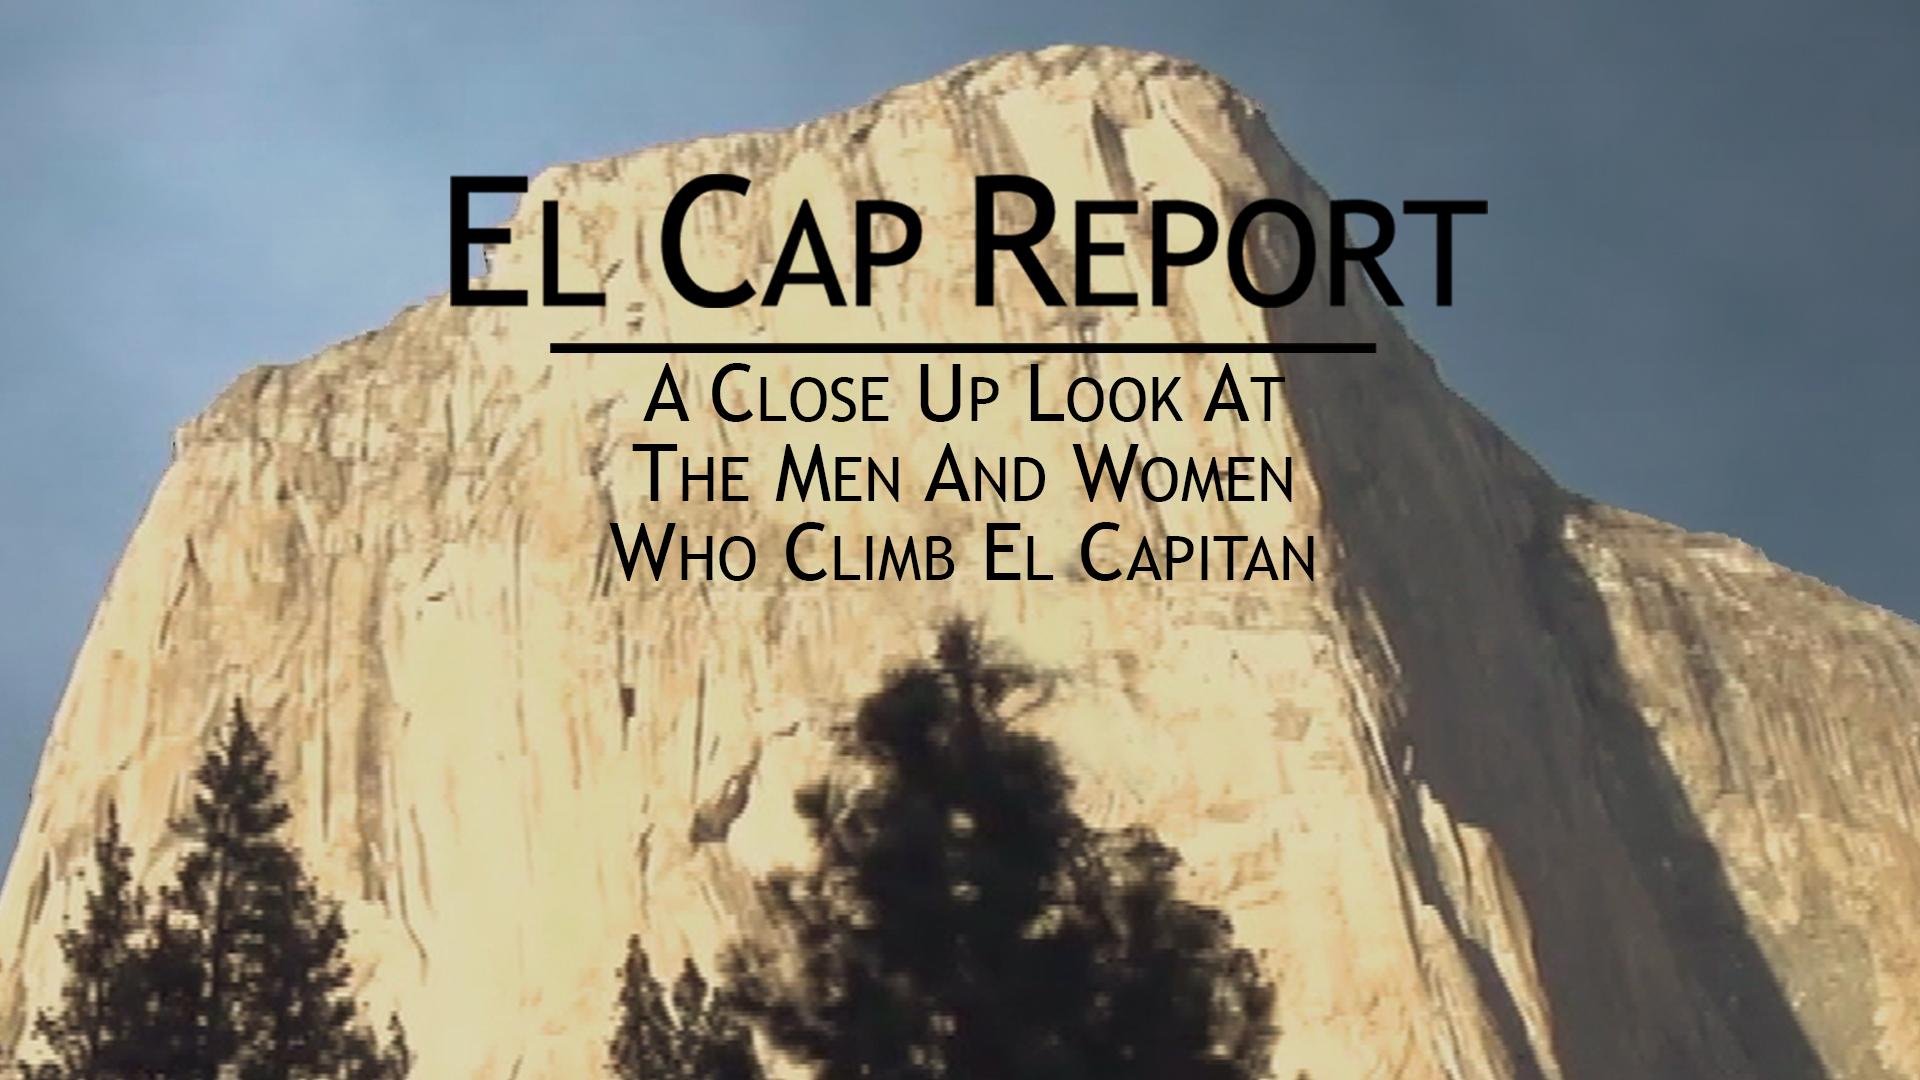 El Cap Report